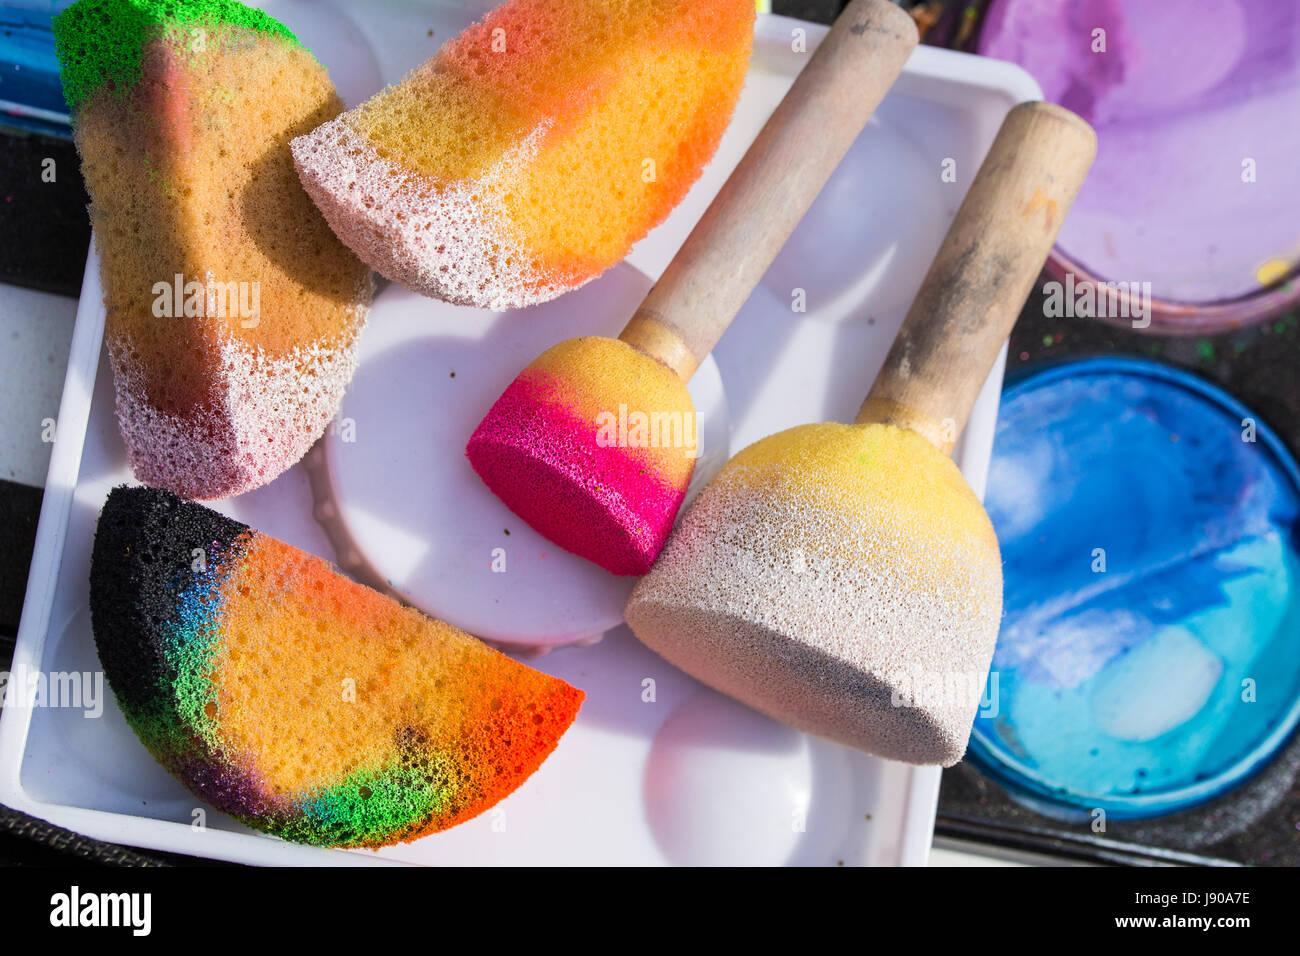 Farbe, Kosmetik, Bürsten und Schwämme für Kinderschminken. Kinderparty Stockbild